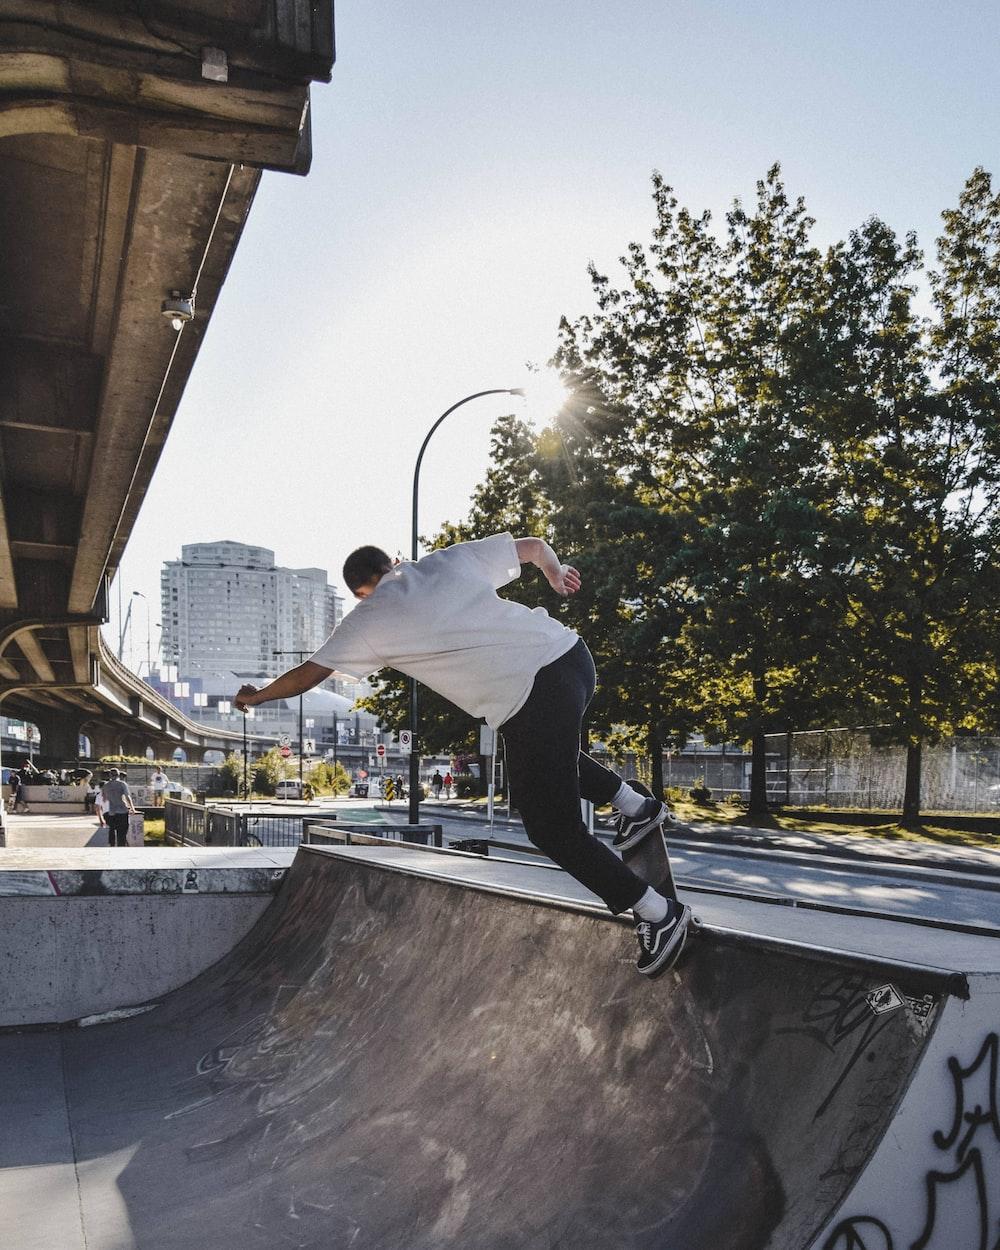 man skating on ramp